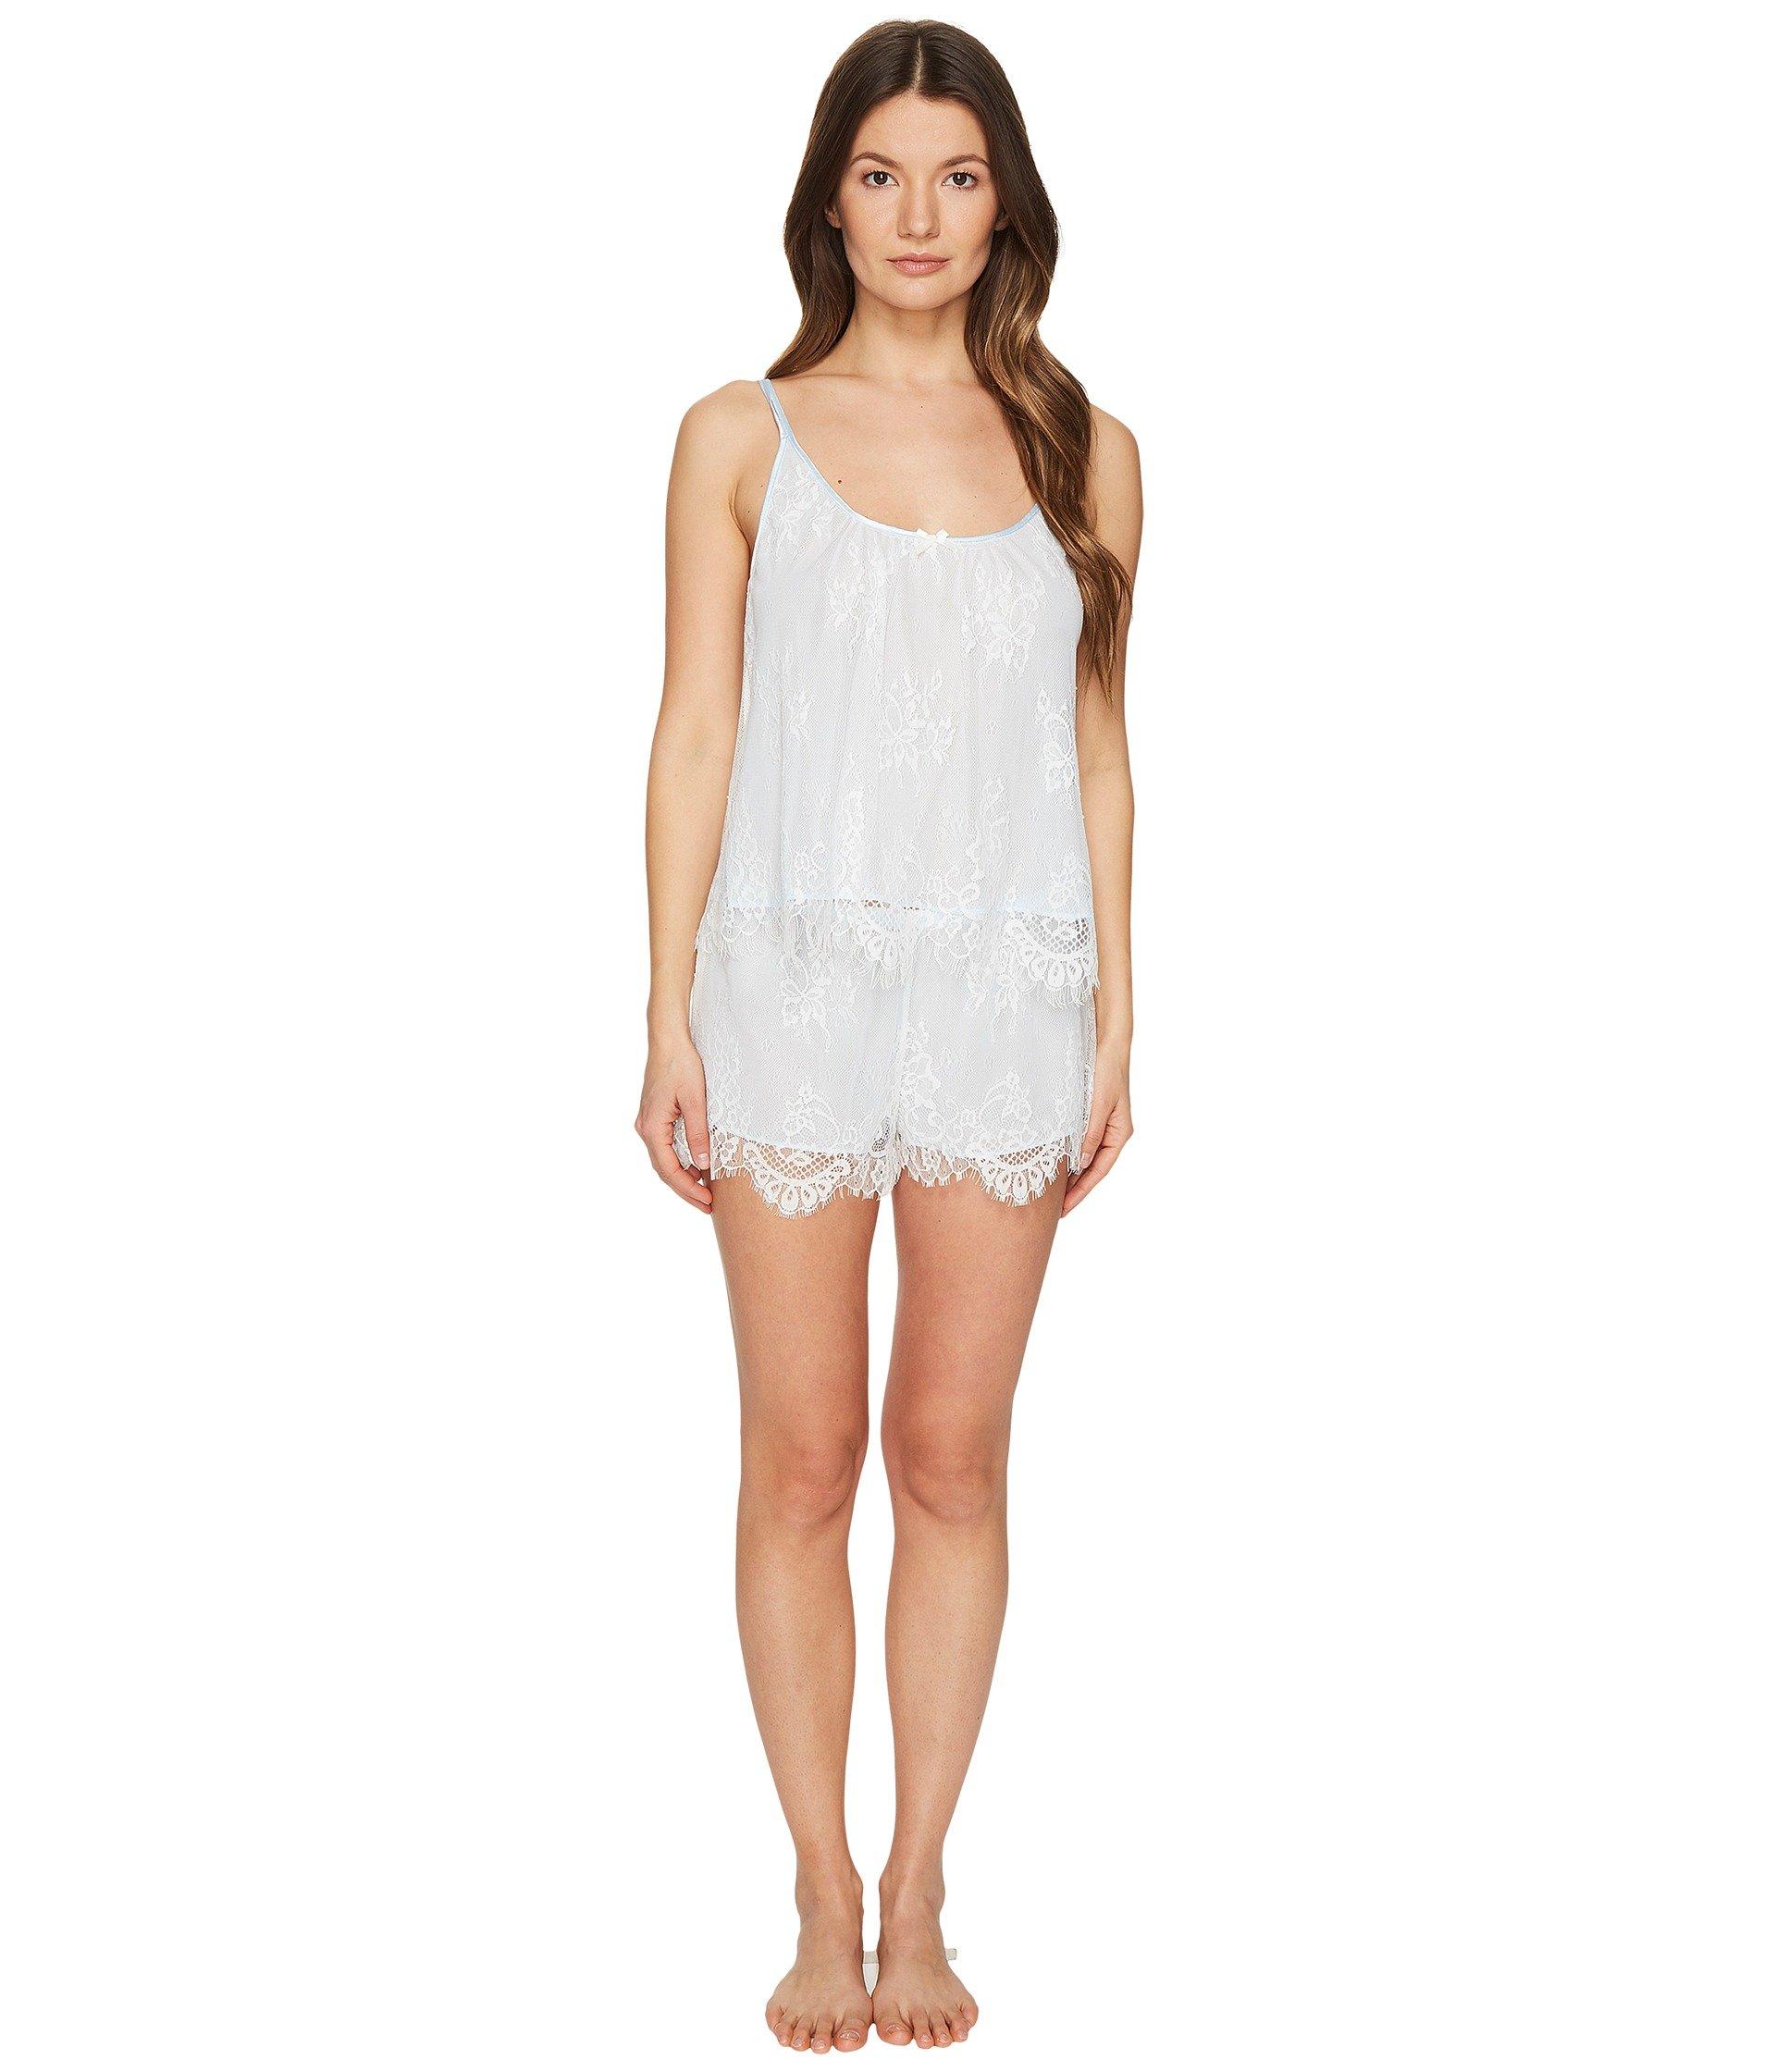 Conjunto de Pijama para Mujer Oscar de la Renta Pink Label Romantic All Over Lace Tap Set  + Oscar de la Renta en VeoyCompro.net